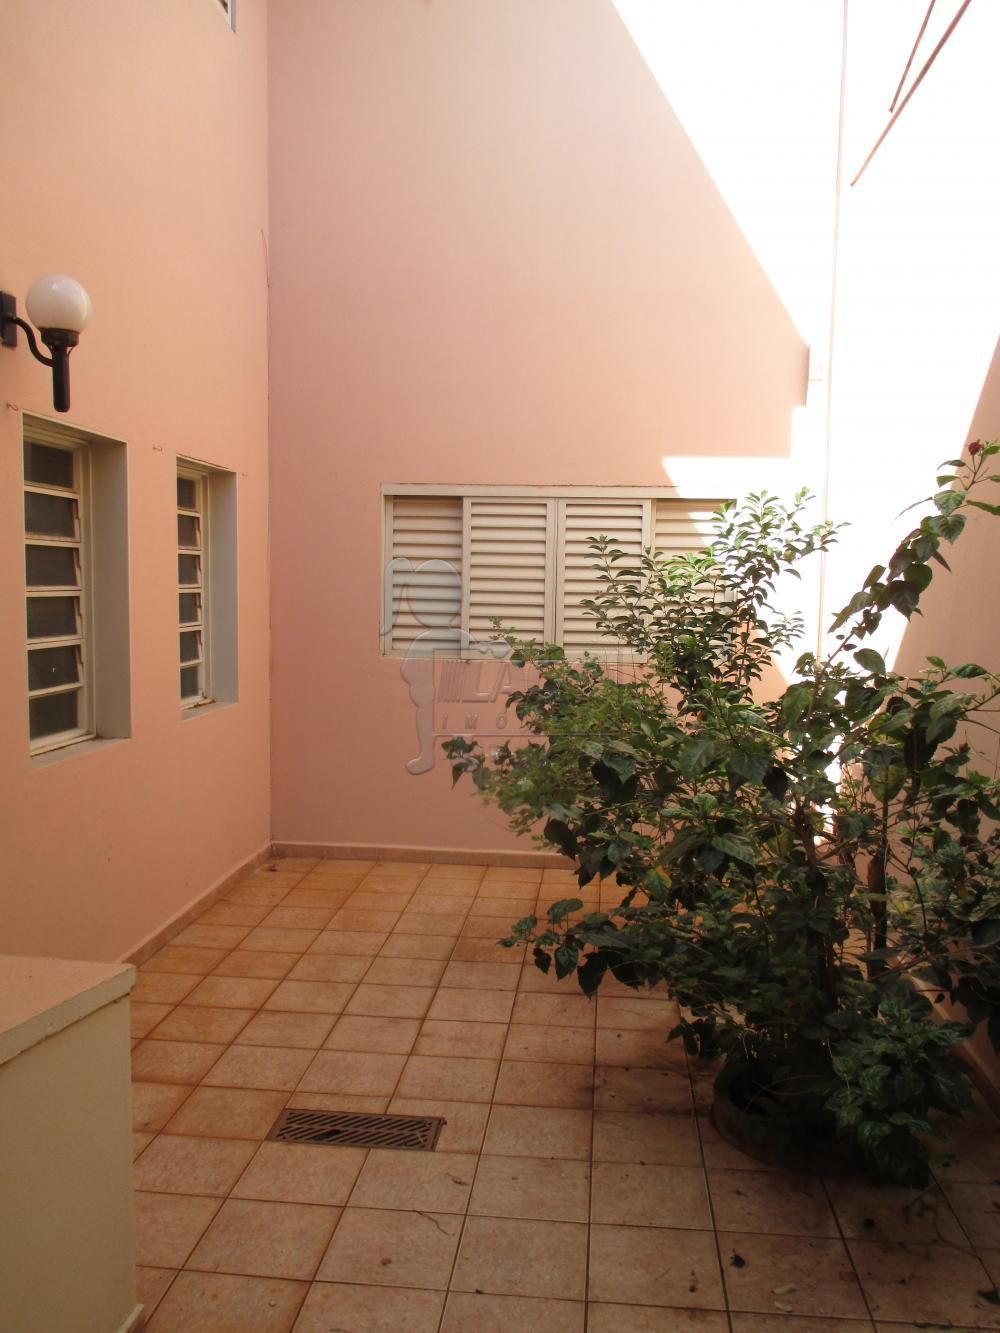 Alugar Casas / Padrão em Ribeirão Preto apenas R$ 2.200,00 - Foto 8